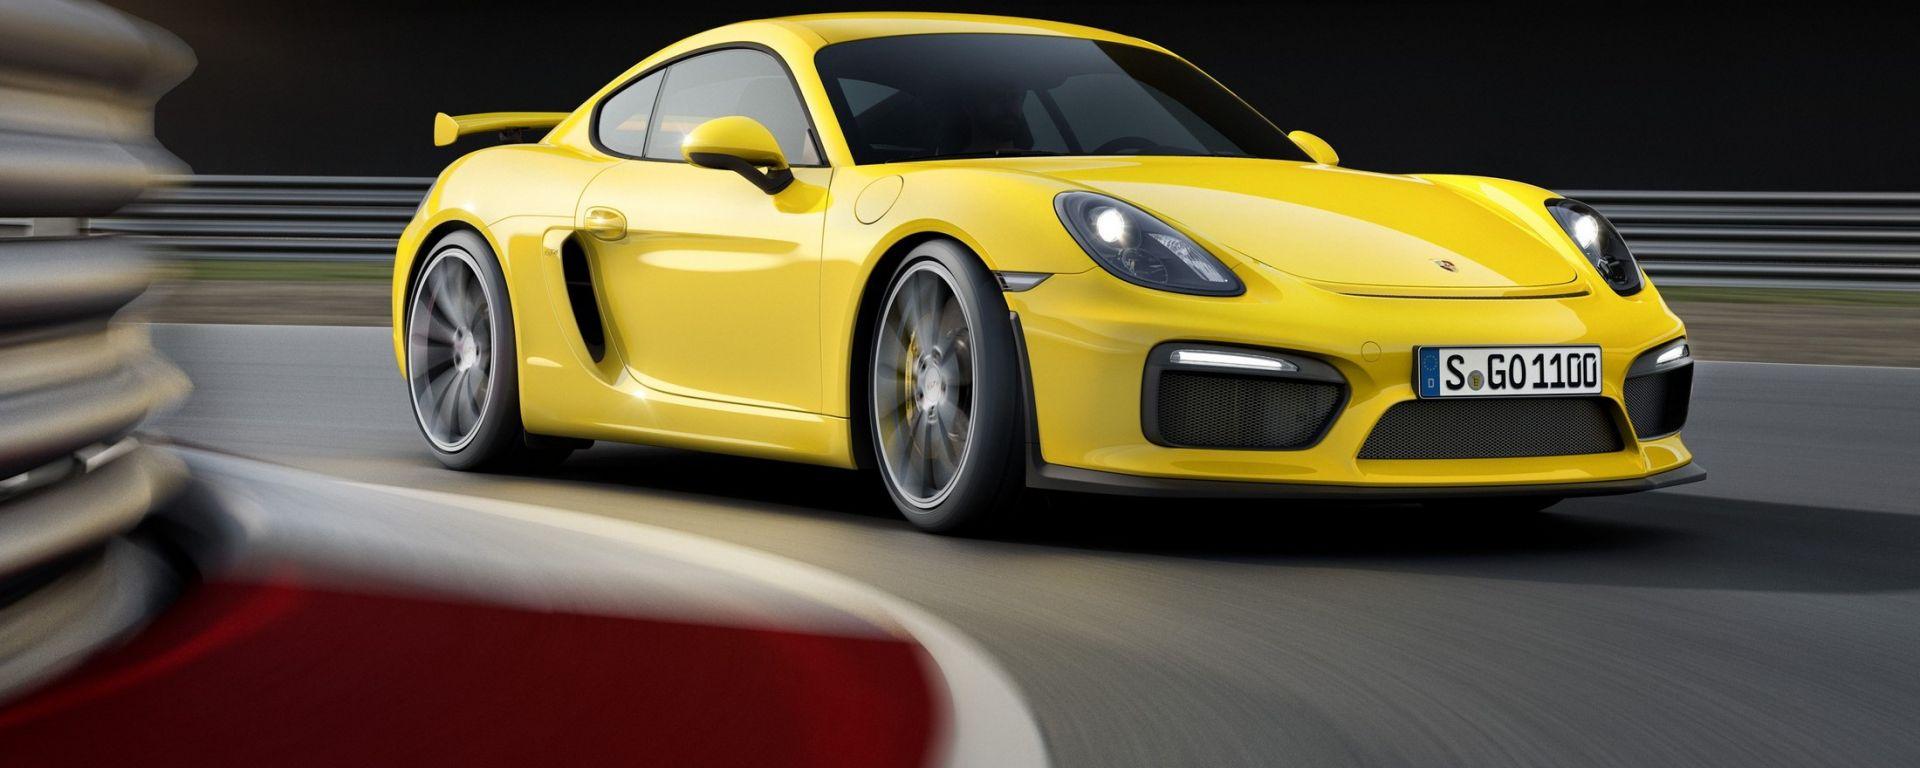 Porsche Cayman GT4 2018 avrà 6 cilindri aspirato e manuale